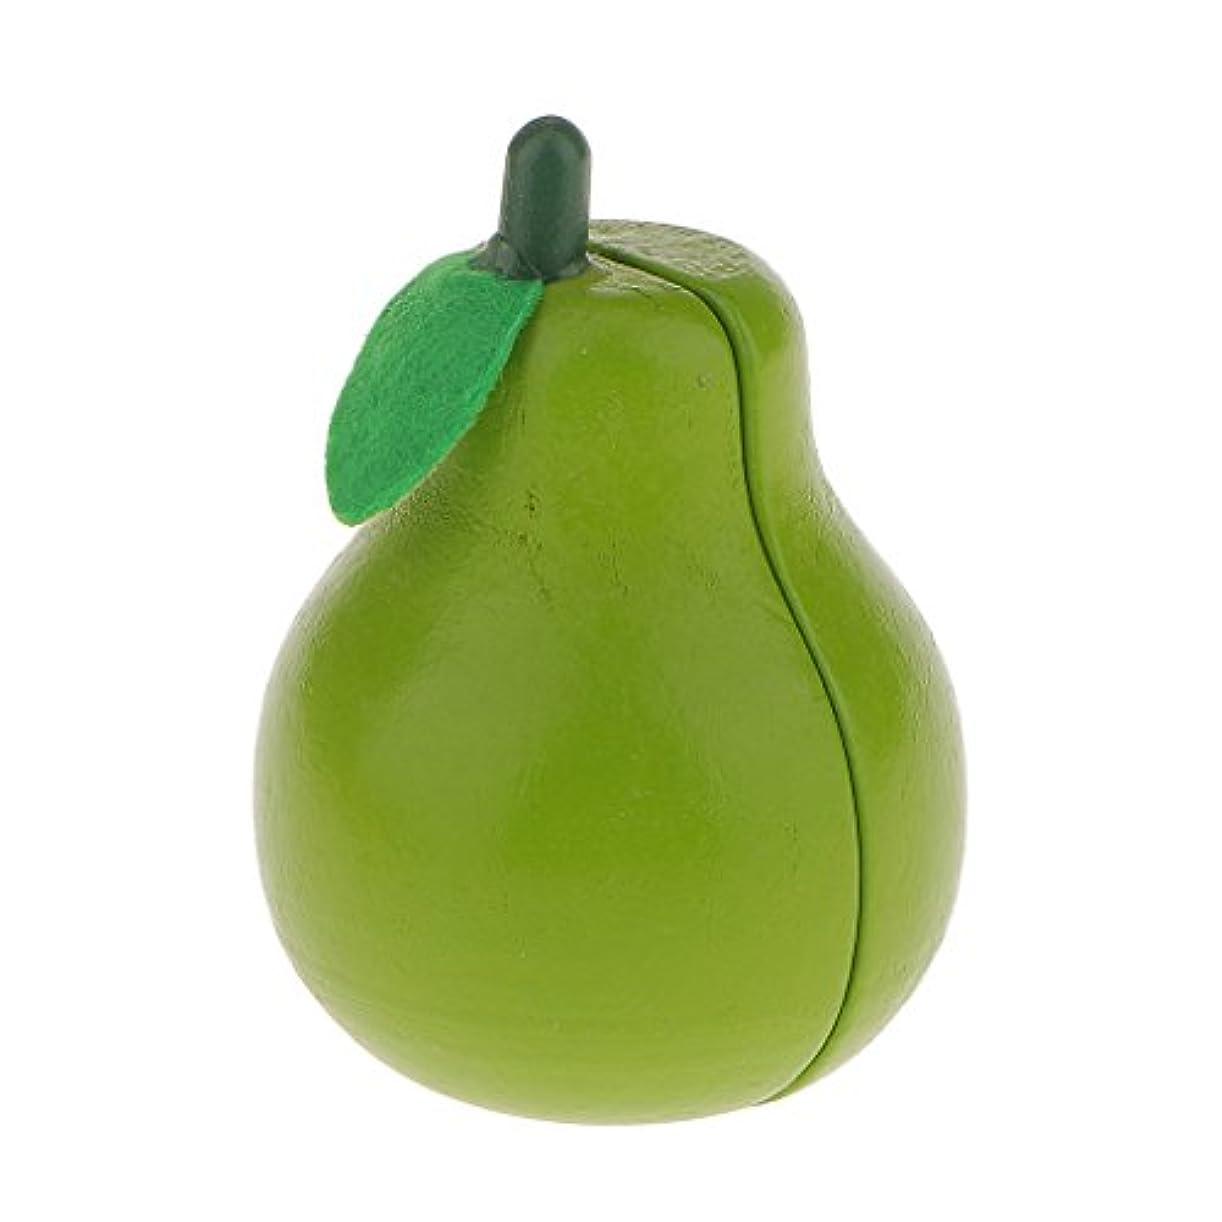 岩同一性疲労梨おもちゃ 木製香り梨 キッチン食品おもちゃ ロールプレイ 親子ゲーム 小道具 知育玩具 置物